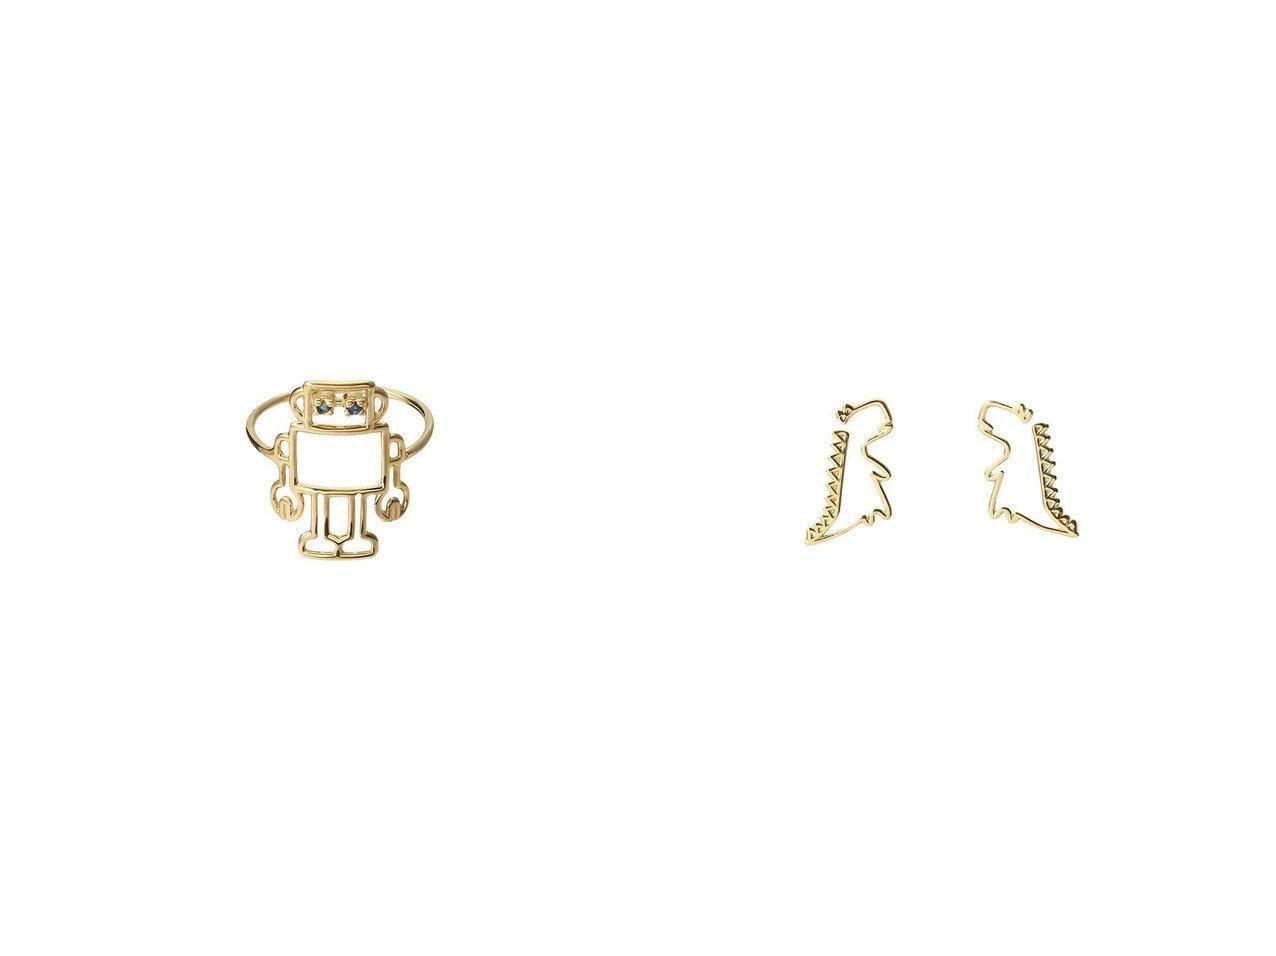 【ALIITA/アリータ】のROBOT リング&DINO PURO ピアス おすすめ!人気トレンド・レディースファッションの通販  おすすめで人気のファッション通販商品 インテリア・家具・キッズファッション・メンズファッション・レディースファッション・服の通販 founy(ファニー) https://founy.com/ ファッション Fashion レディース WOMEN |ID:crp329100000006435